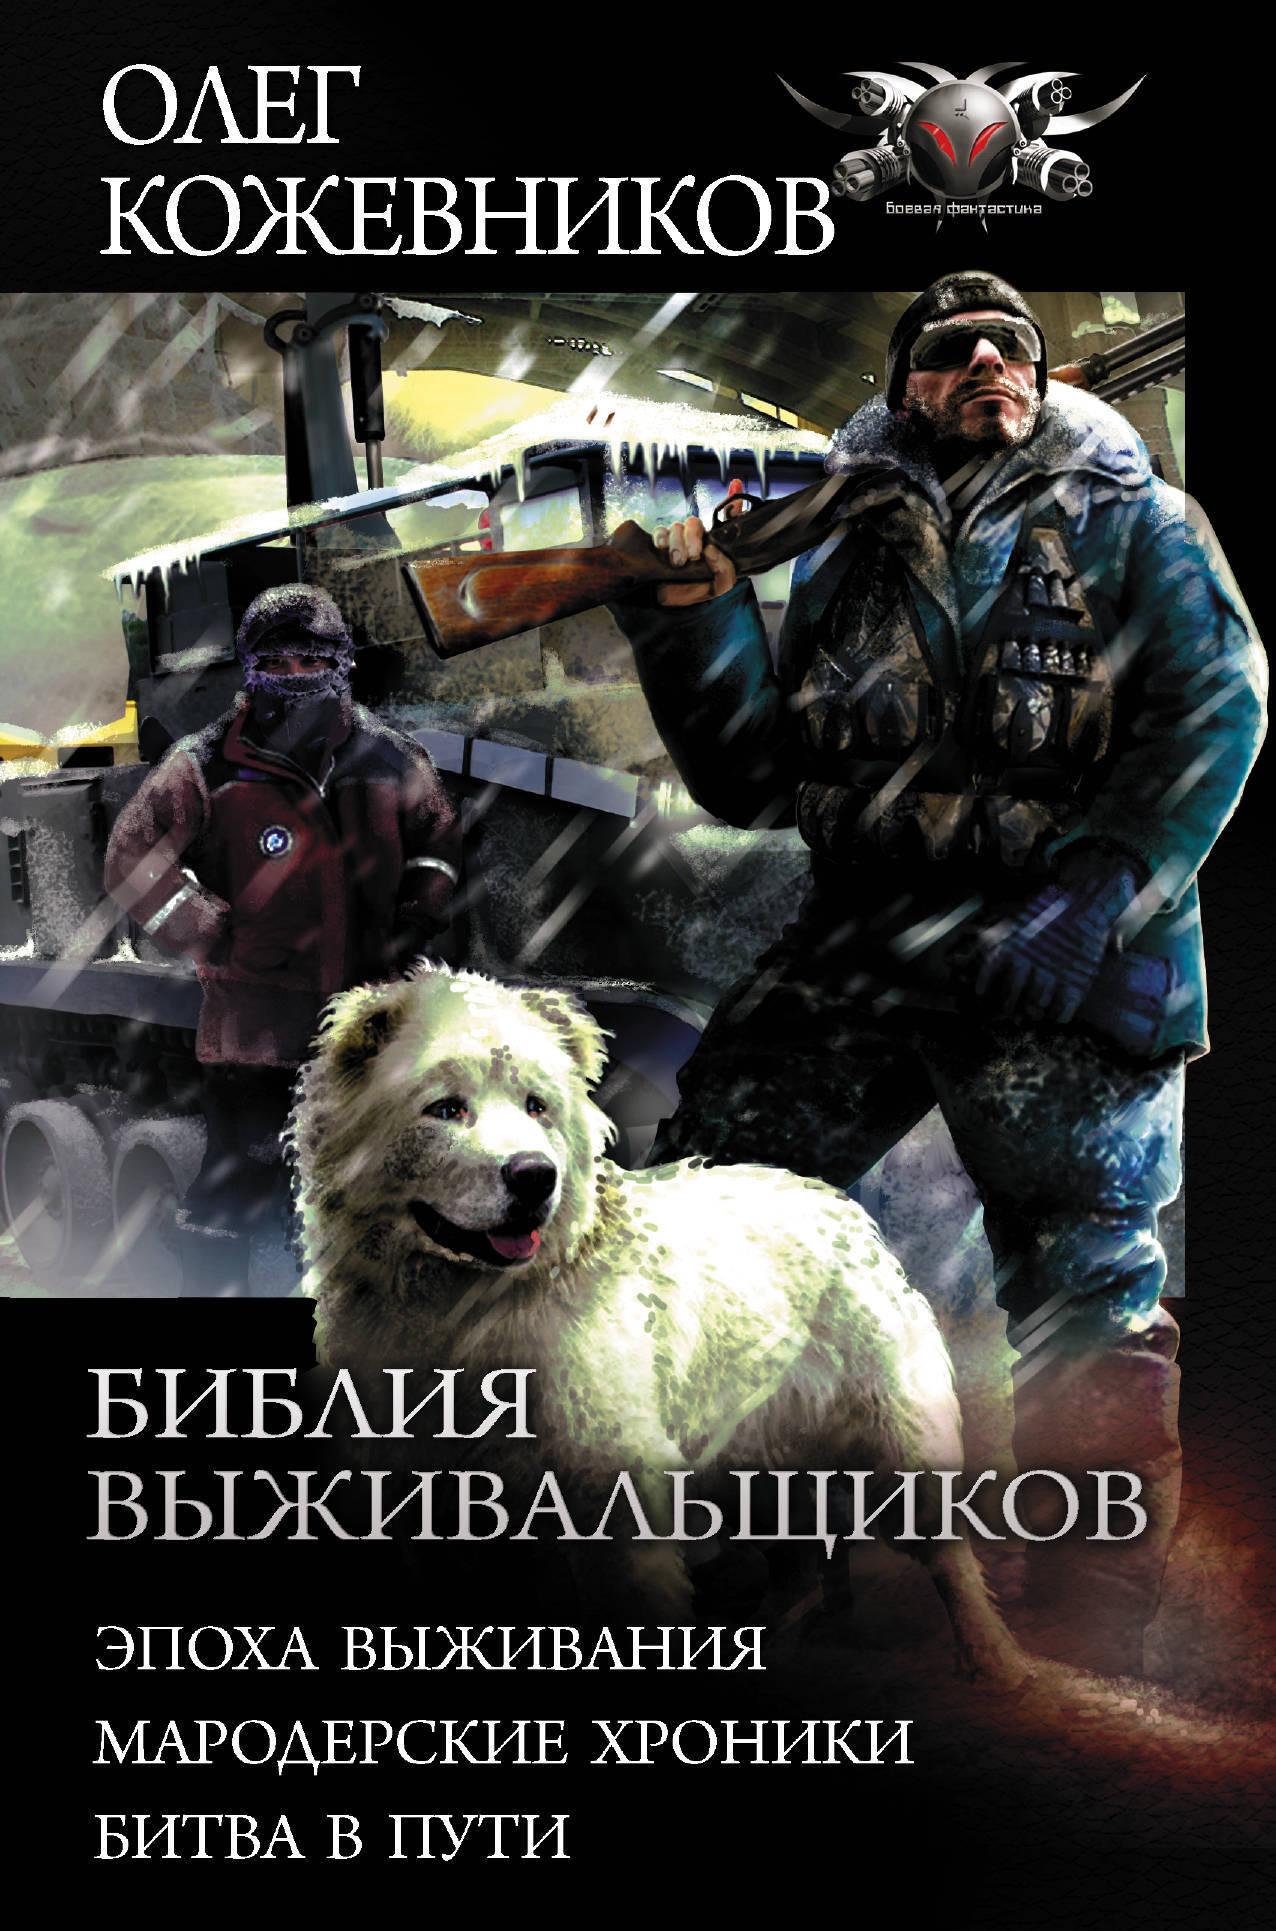 Библия выживальщиков | Кожевников Олег Анатольевич